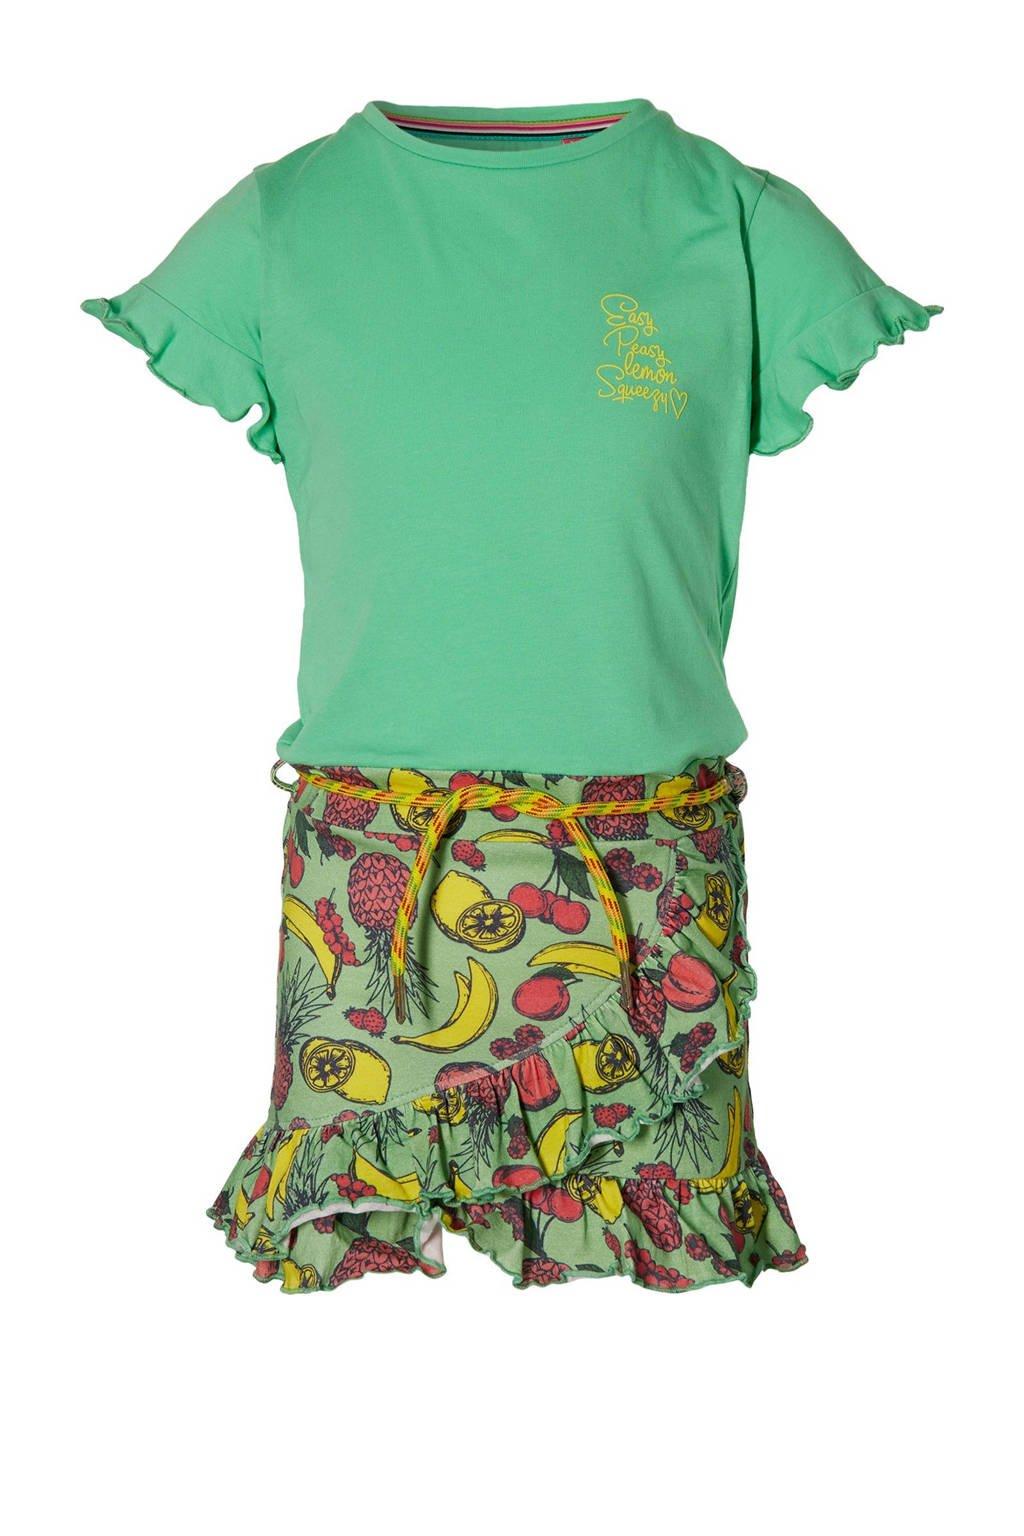 Quapi Girls jurk Faan met all over print en ruches fris groen/multicolor, Fris groen/multicolor